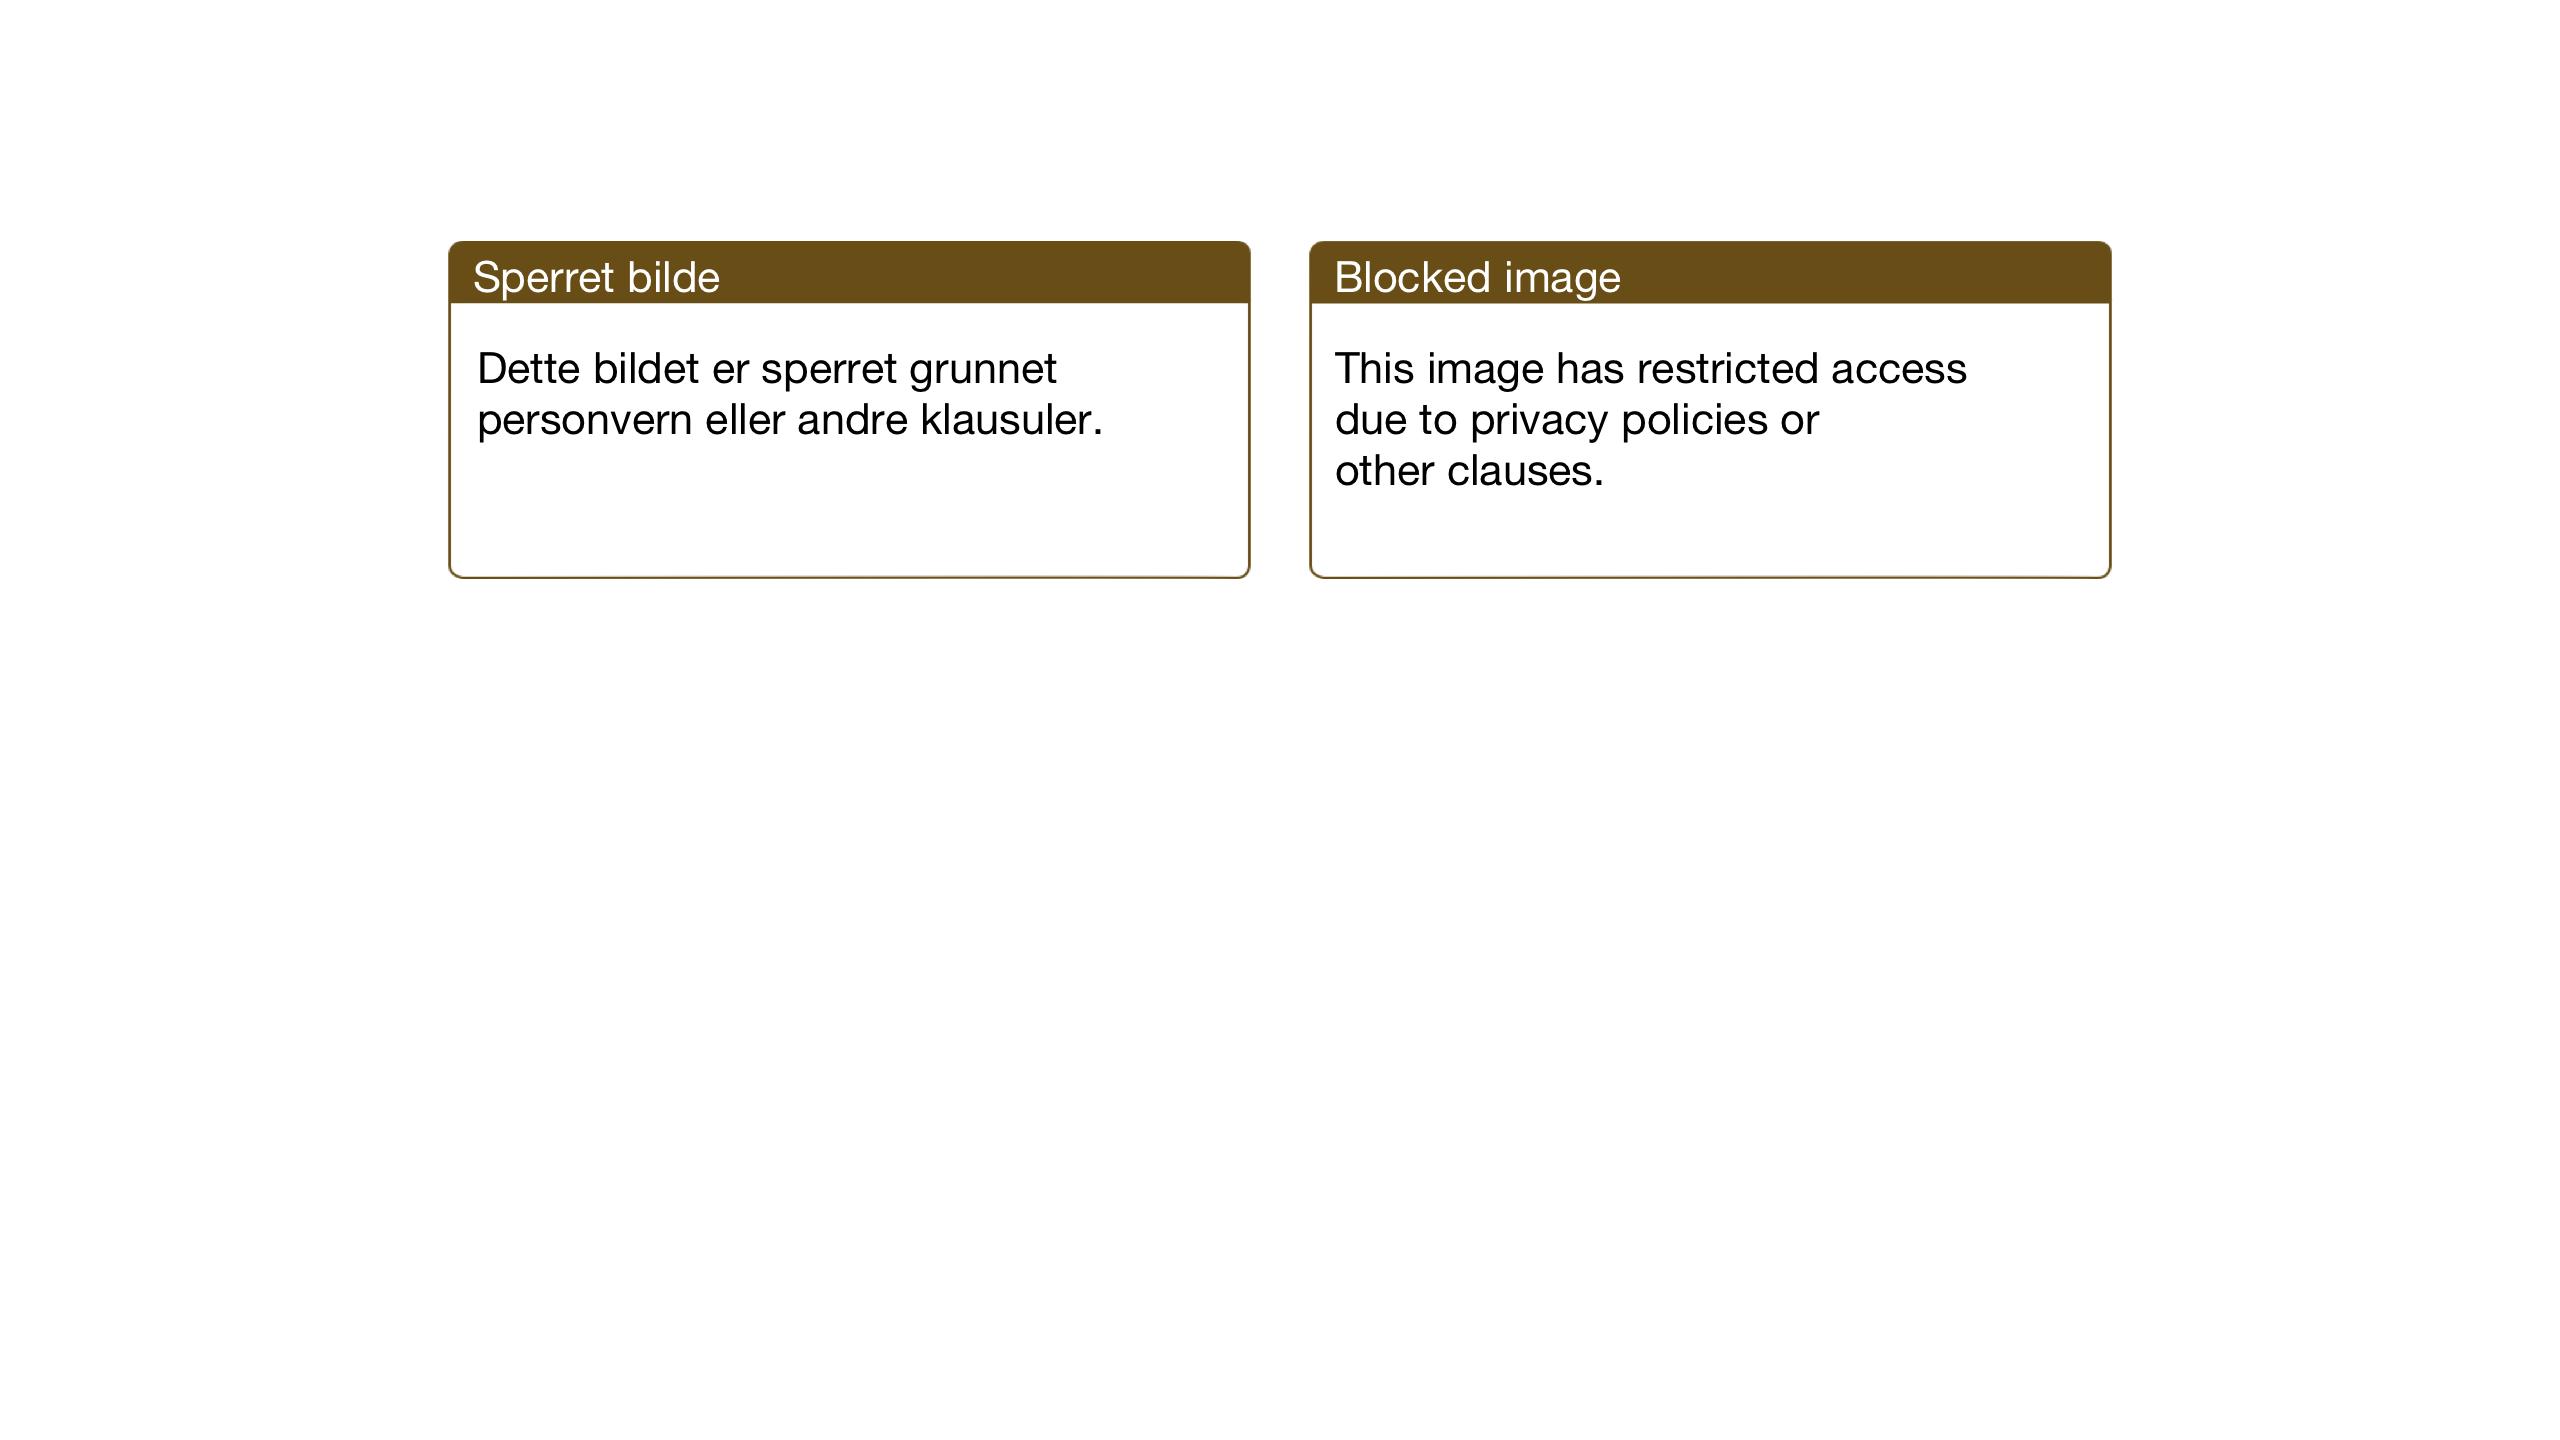 SAT, Ministerialprotokoller, klokkerbøker og fødselsregistre - Nord-Trøndelag, 768/L0583: Klokkerbok nr. 768C01, 1928-1953, s. 115